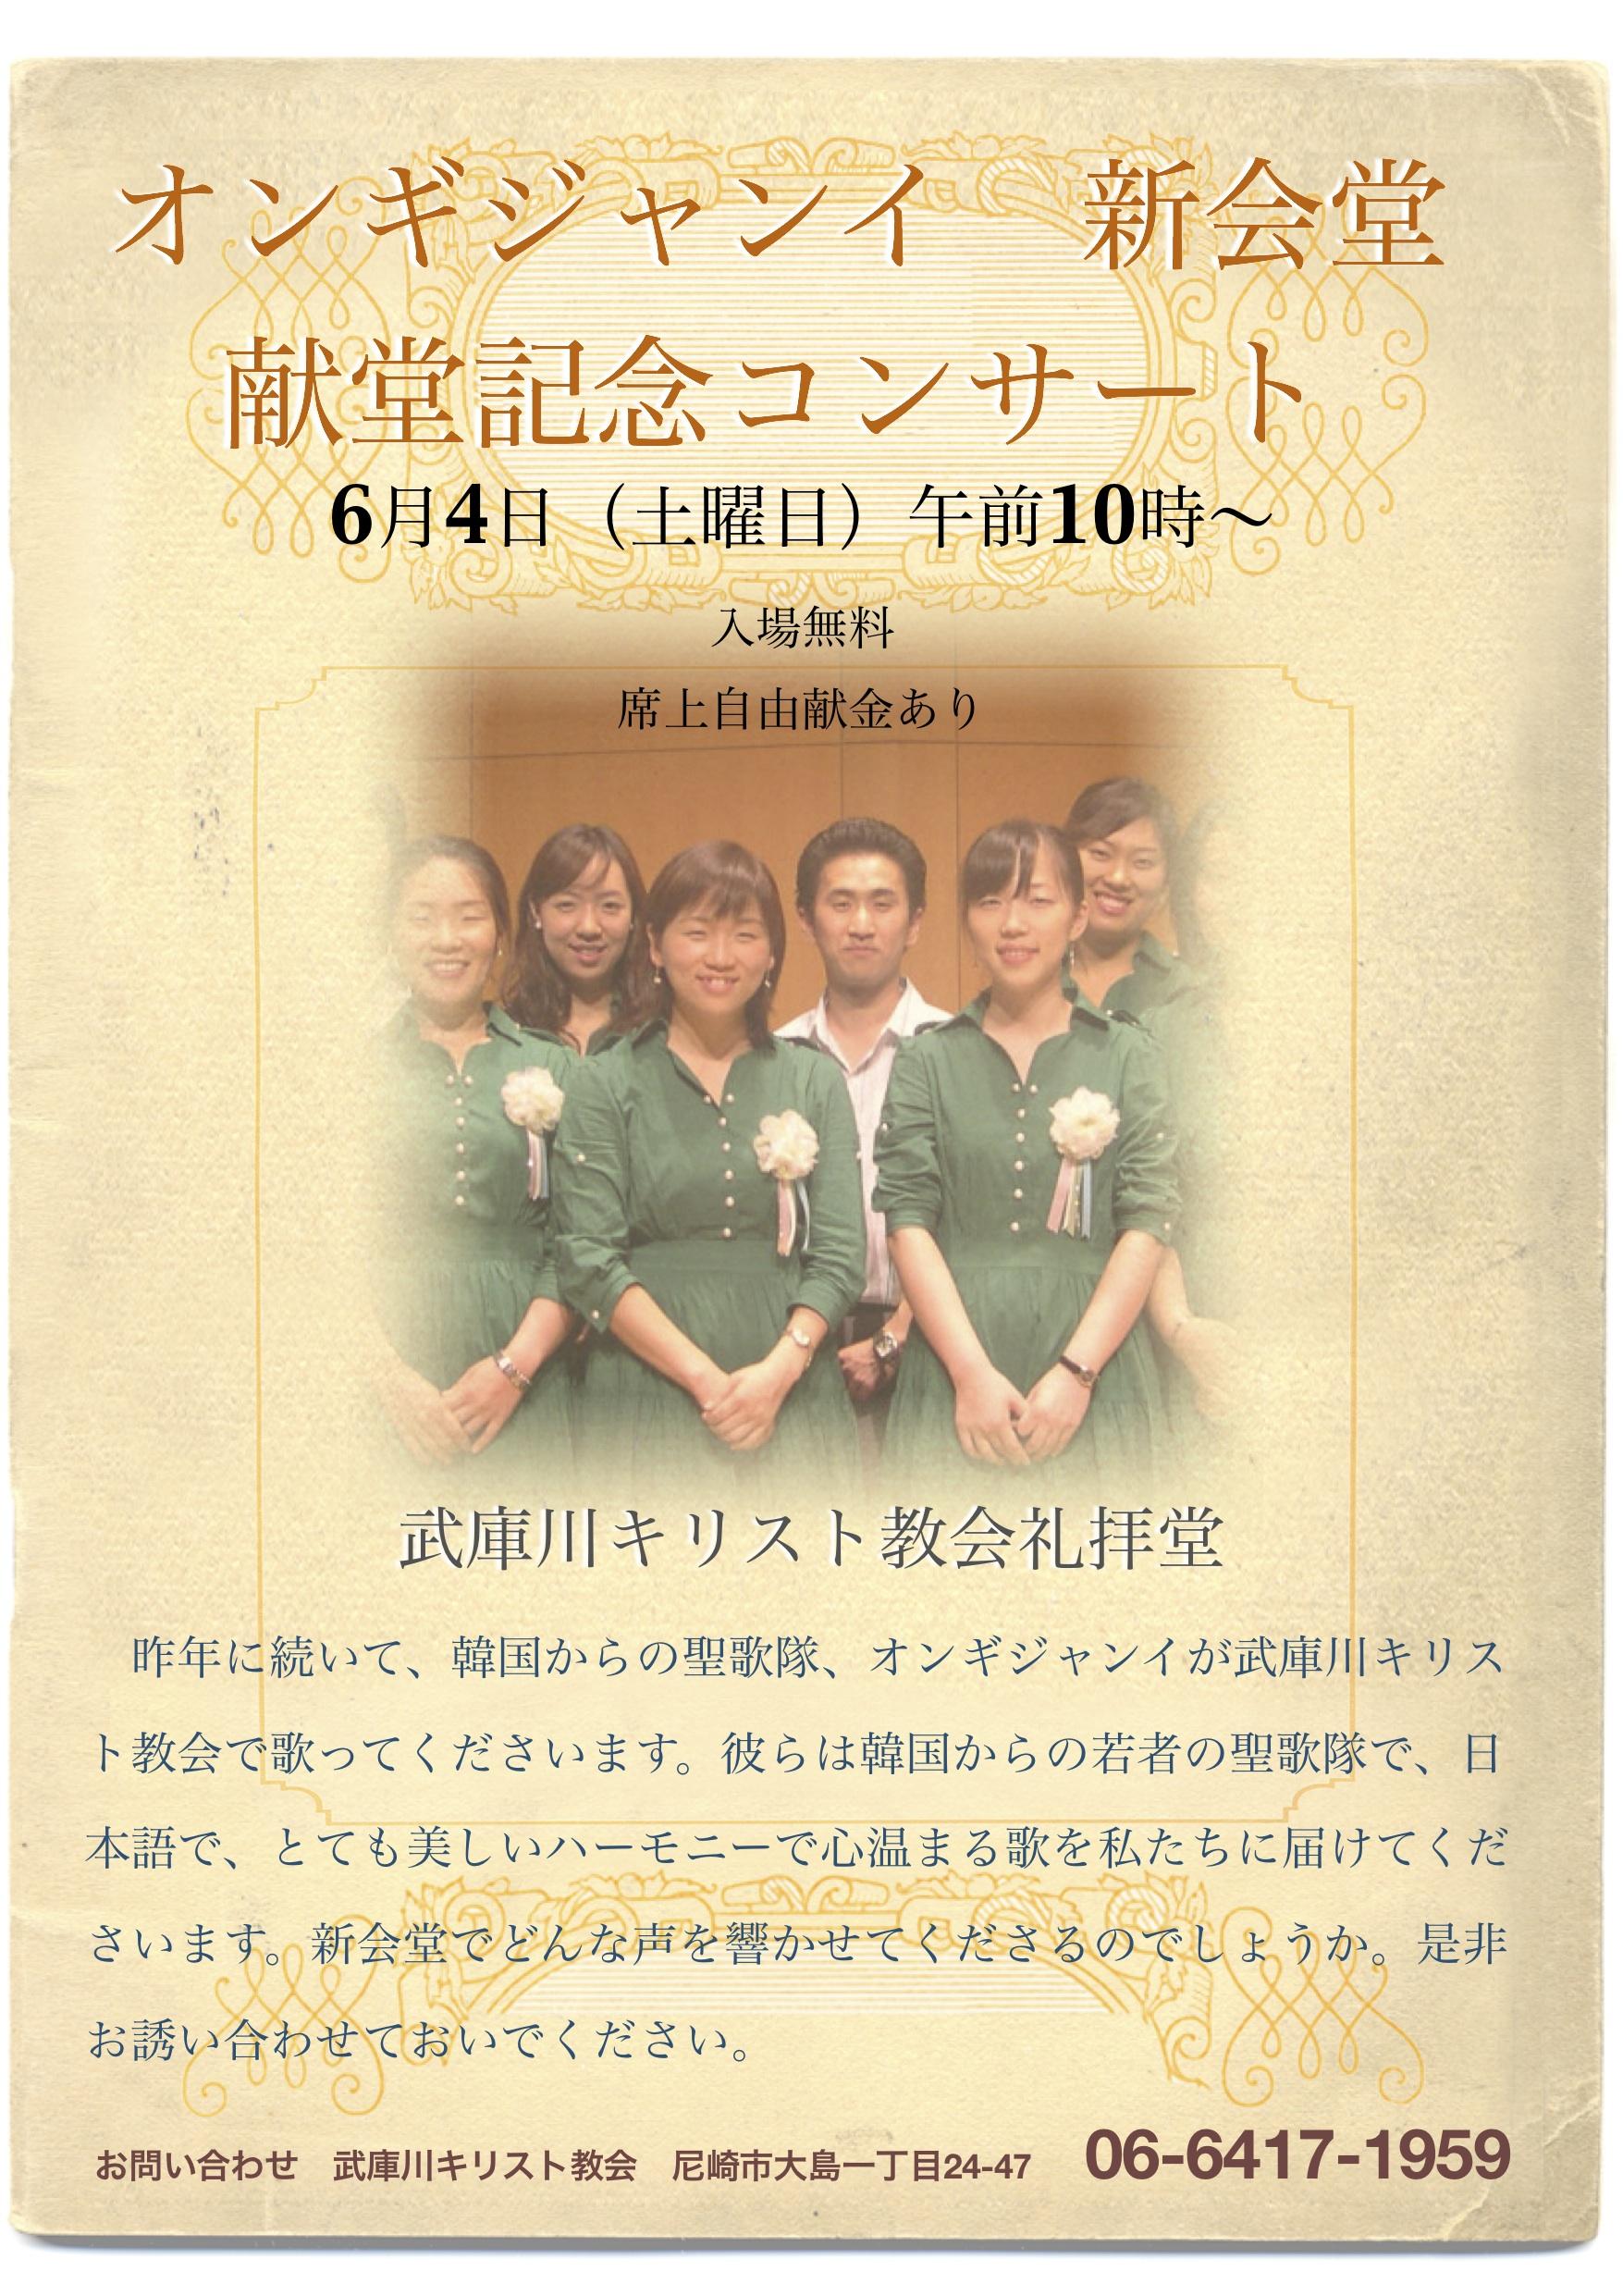 オンギジャンイ新会堂記念コンサート